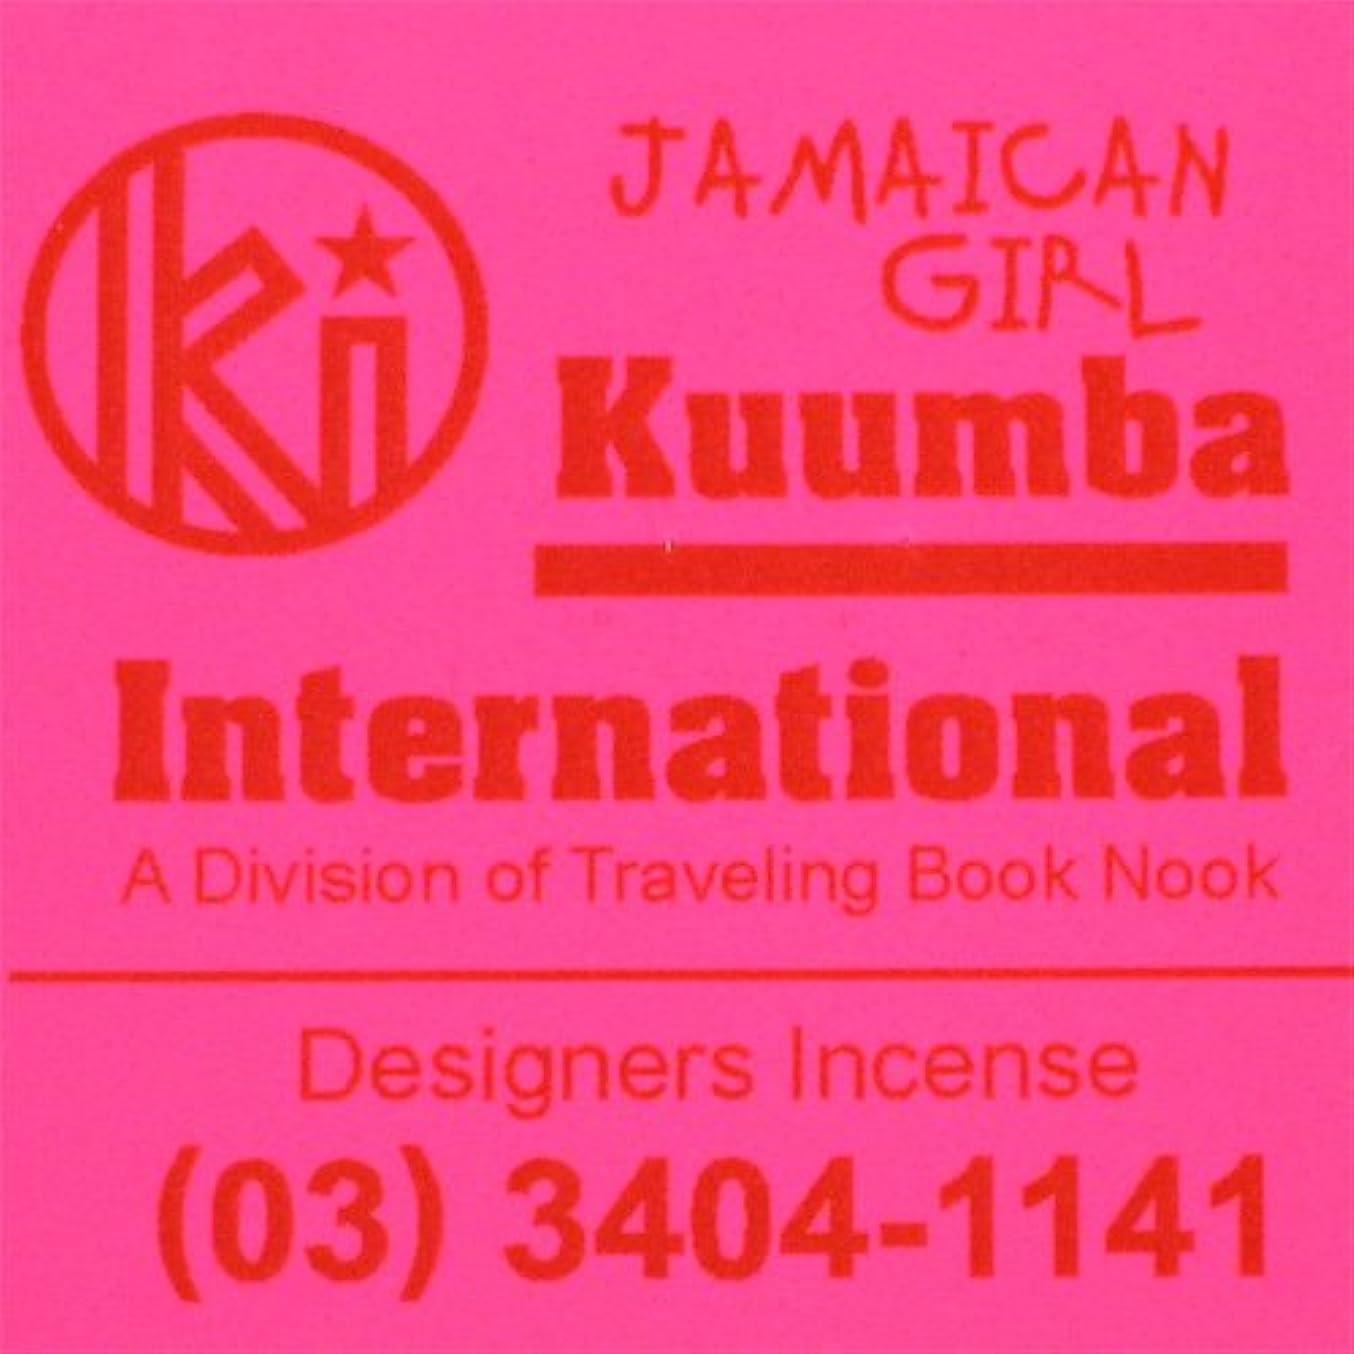 内訳ミスキルトKUUMBA / クンバ『incense』(JAMAICAN GIRL) (Regular size)